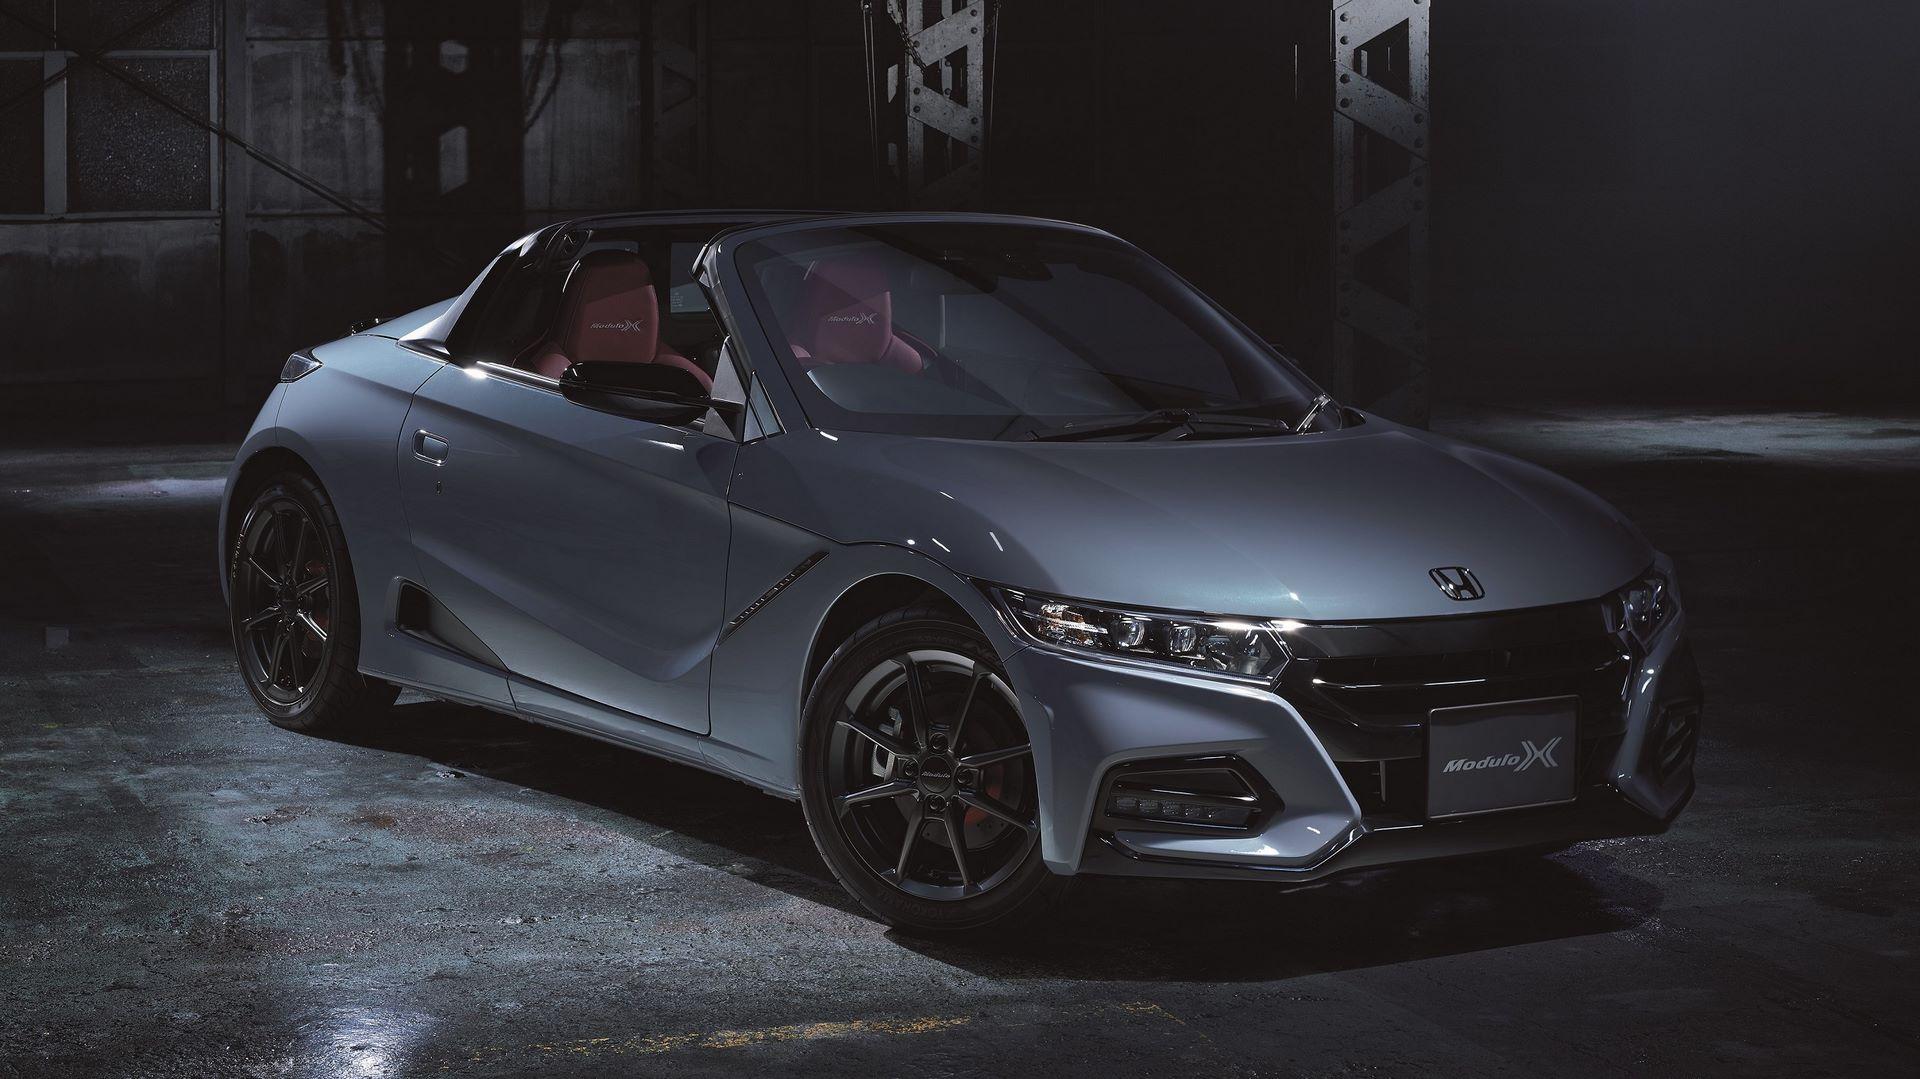 Honda-S660-Modulo-X-Version-Z-1